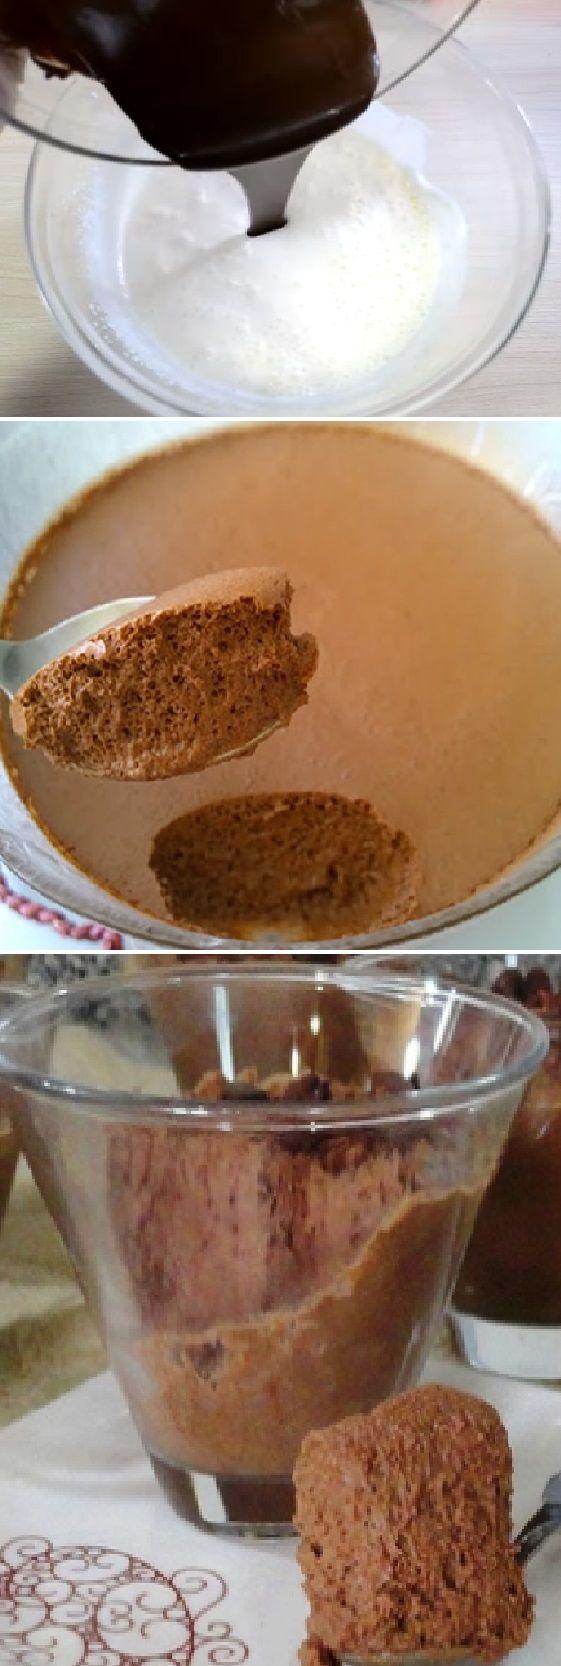 Mousse de Chocolate con Gelatina Sin Sabor con sólo 4 ingredientes! #mousse #postres #dulces #gelatina #sinsabor #grenetina #pain #bread #breadrecipes #パン #хлеб #brot #pane #crema #relleno #losmejores #cremas #rellenos #cakes #pan #panfrances #panettone #panes #pantone #pan #recetas #recipe #casero #torta #tartas #pastel #nestlecocina #bizcocho #bizcochuelo #tasty #cocina #chocolate Si te gusta dinos HOLA y dale a Me Gusta MIREN...